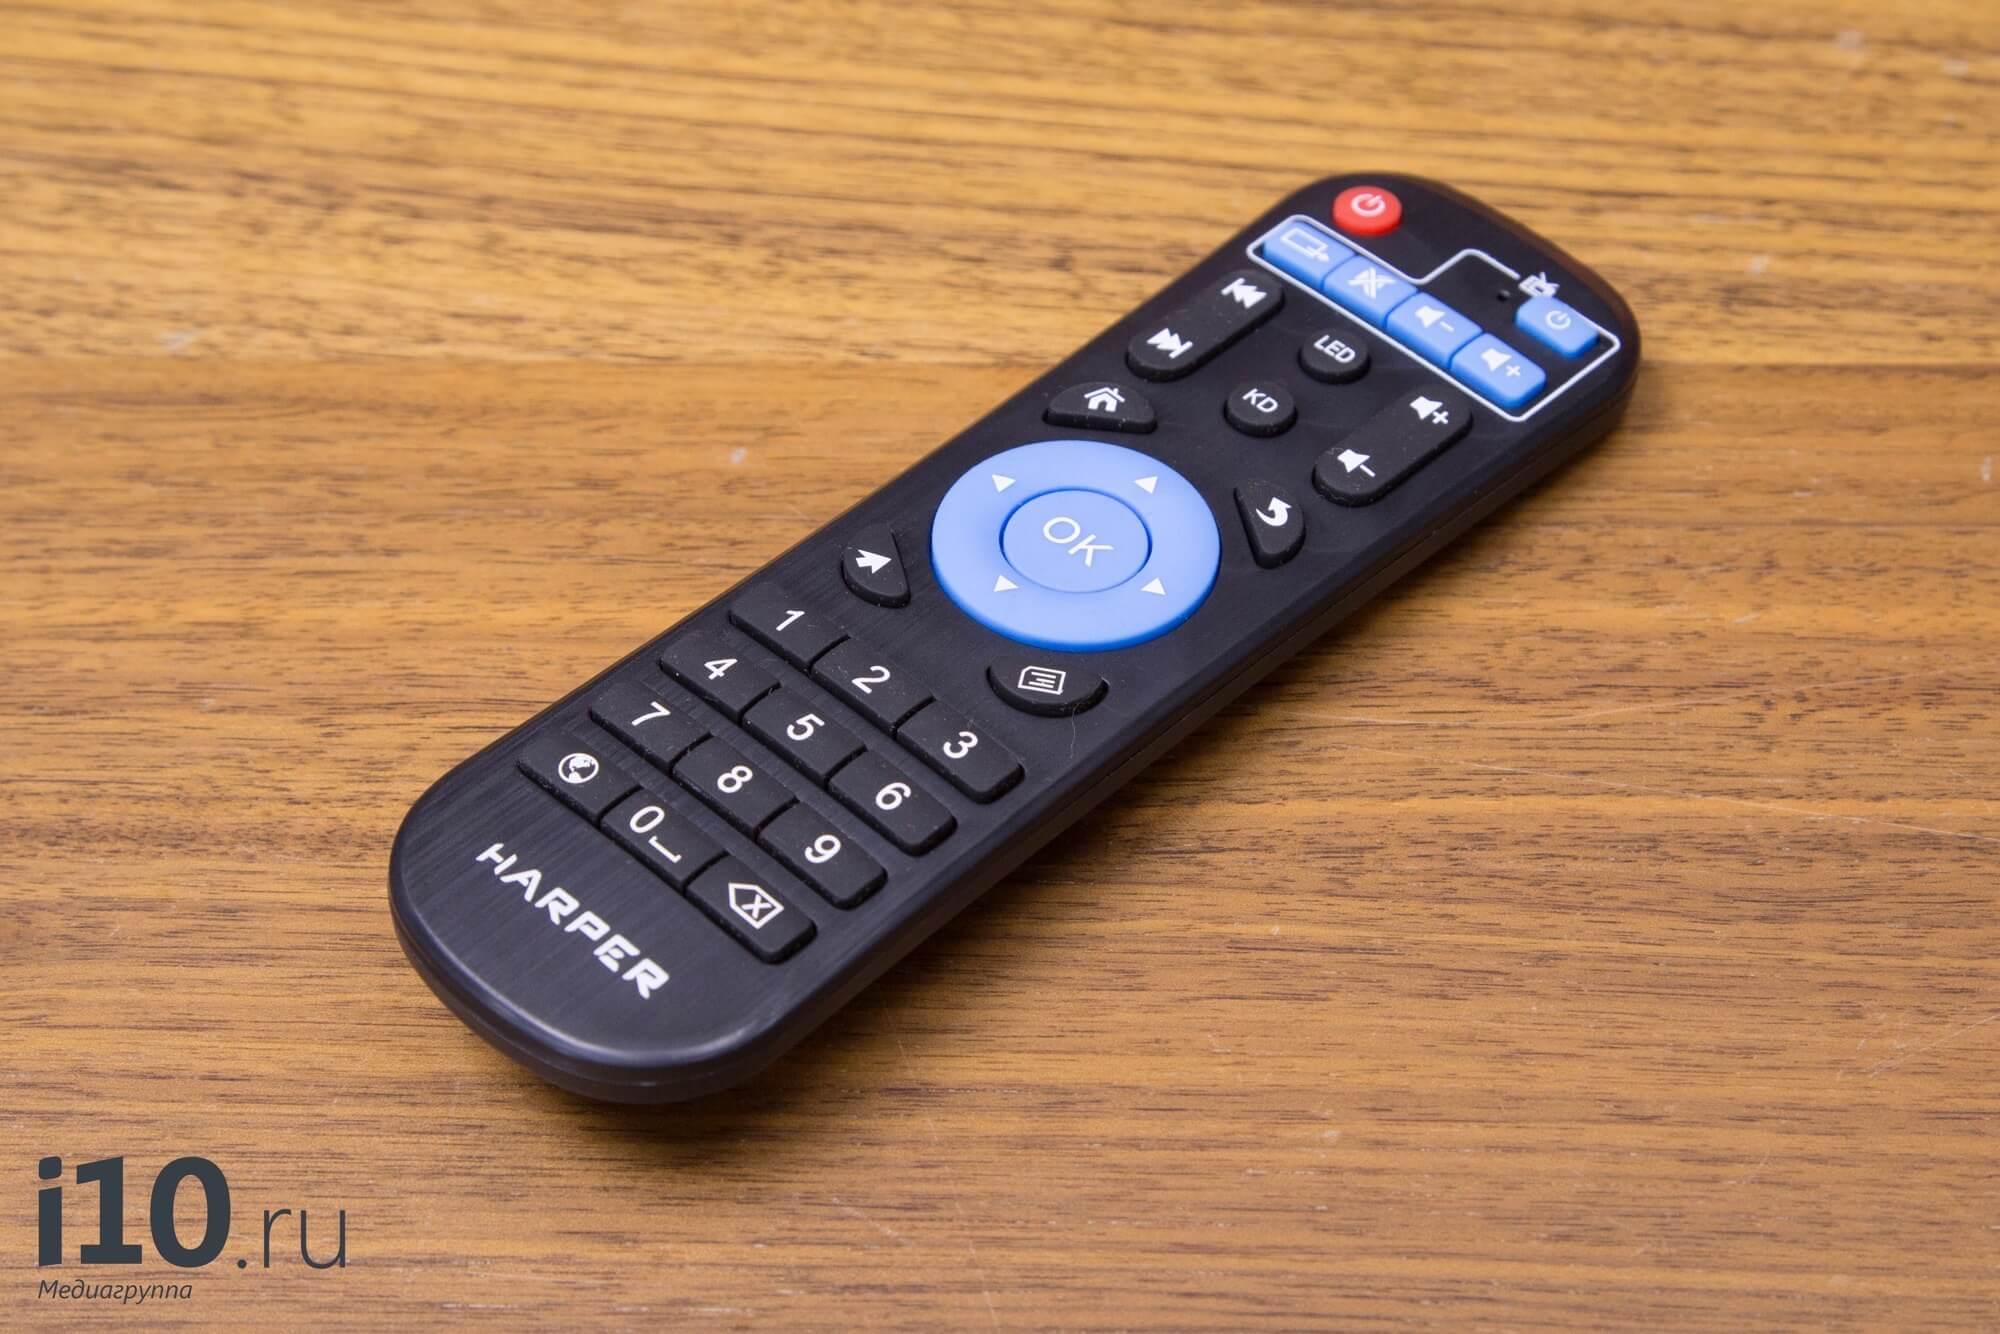 Как смотреть YouTube на телевизоре? Пример ТВ-приставки на Android